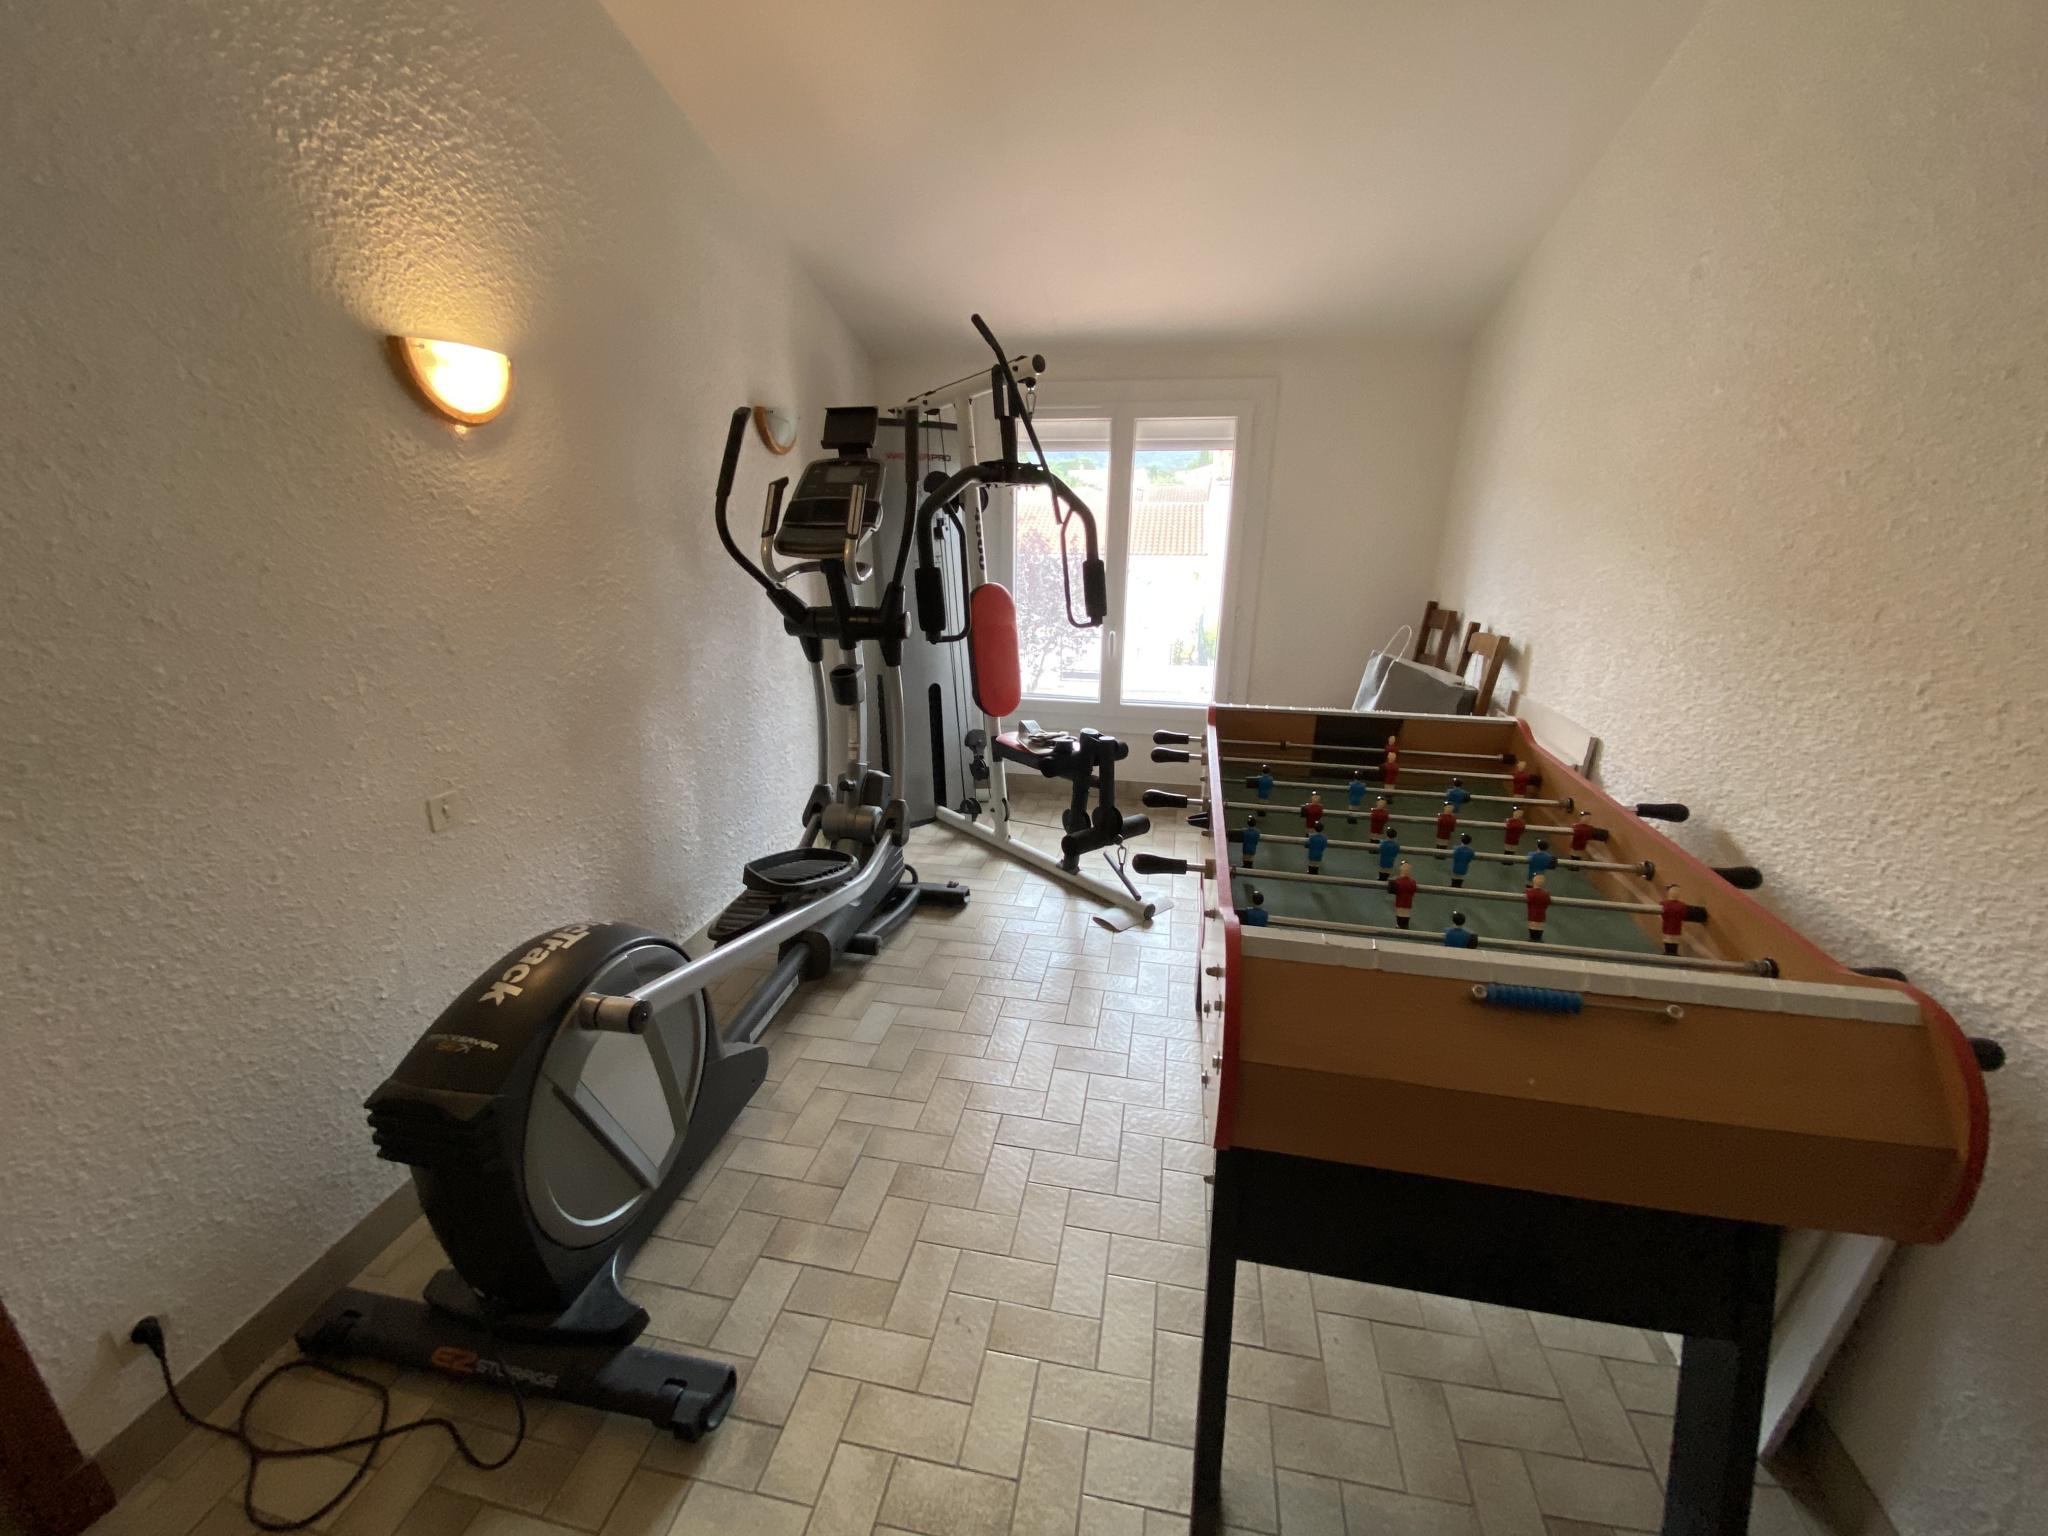 À vendre maison/villa de 90m2 à st genis des fontaines (66740) - Photo 12'